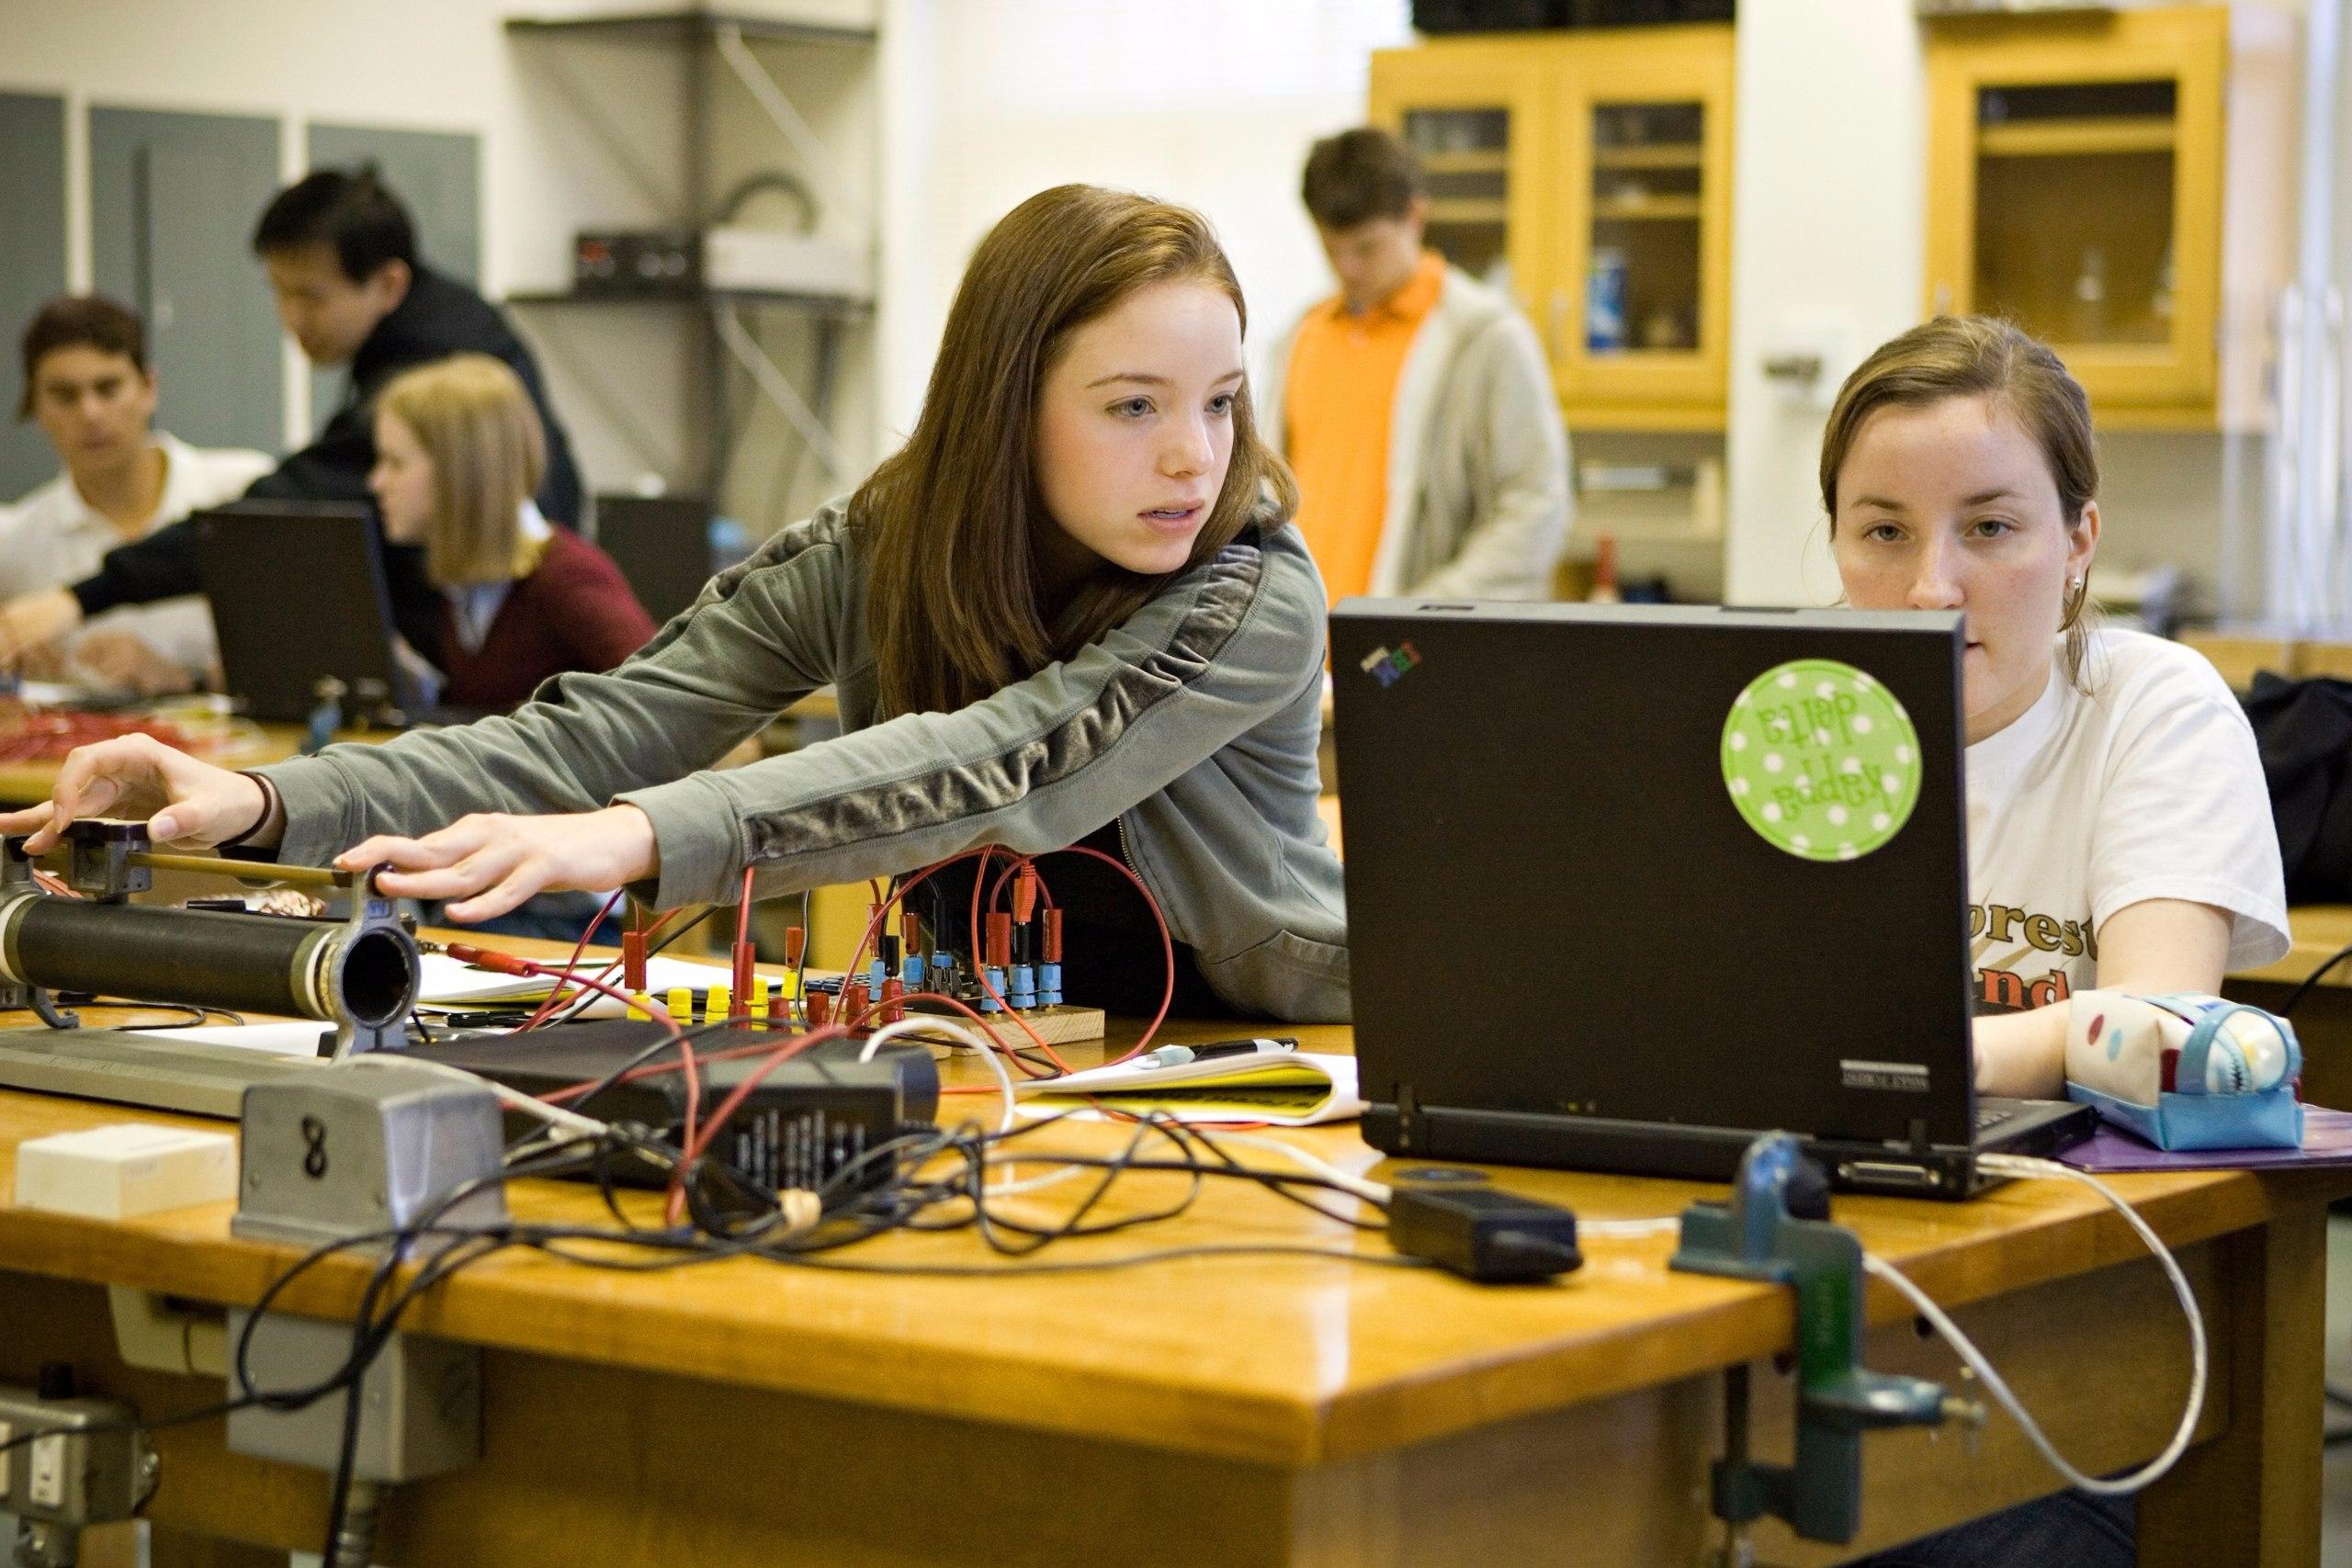 Естественно-научный лицей СПбПУ запустил онлайн-курс для подготовки к ЕГЭ по физике для школьников 10-11 классов